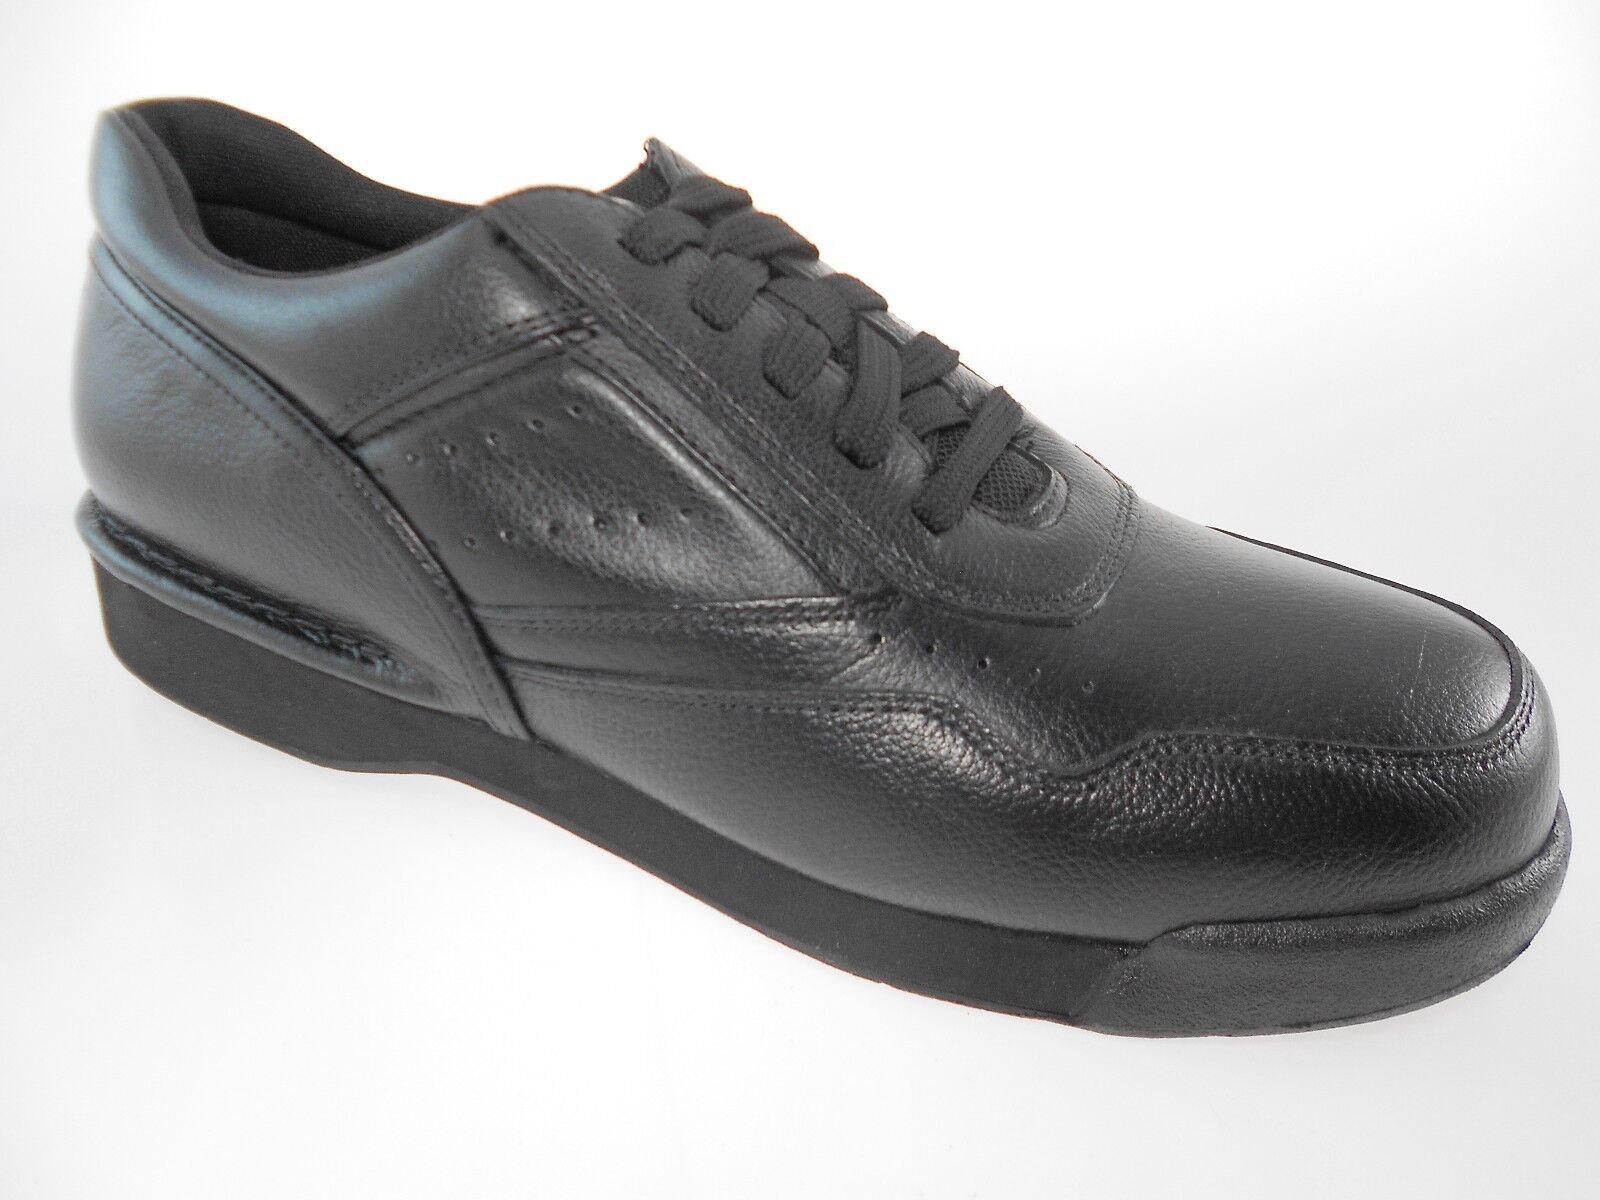 ROCKPORT PROWALKER K71096 CLASSIC MEN'S BLACK LEATHER WALKIN